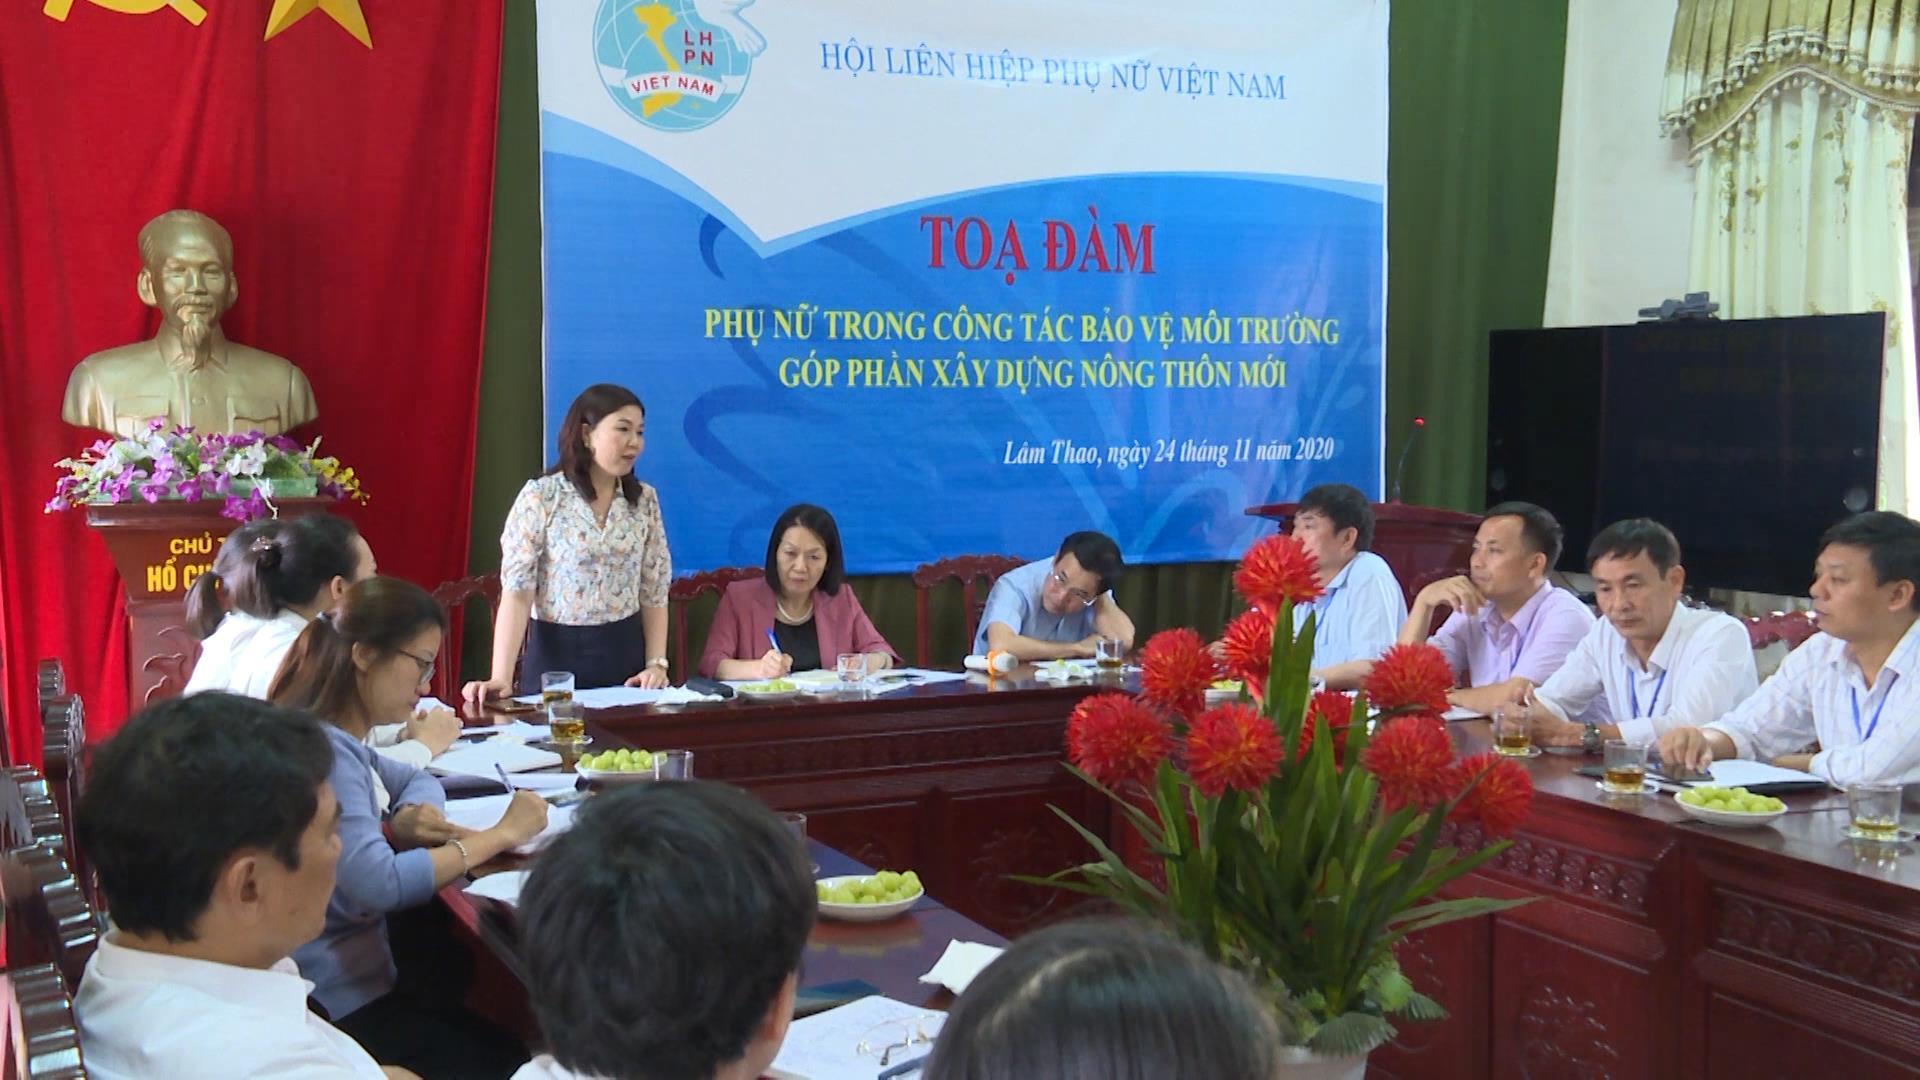 Hội Liên hiệp Phụ nữ Việt Nam kiểm tra, giám sát công tác bảo vệ môi trường tại Lương Tài